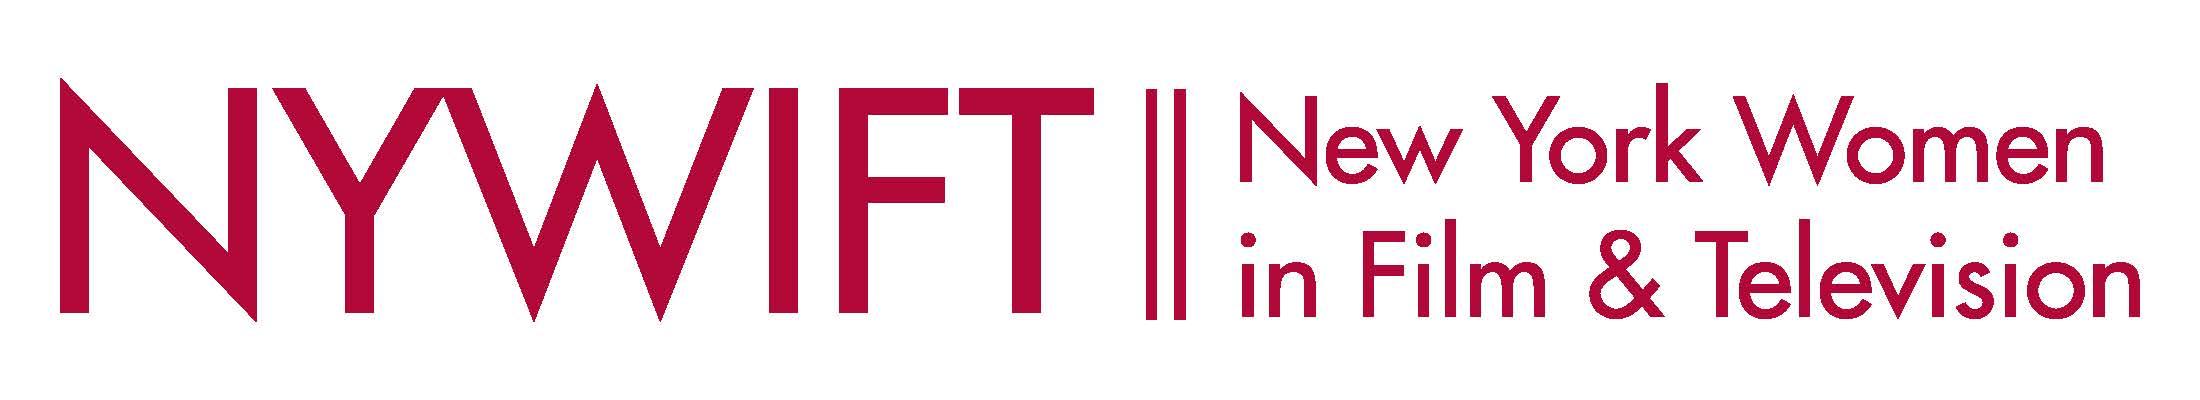 NYWIFT logo